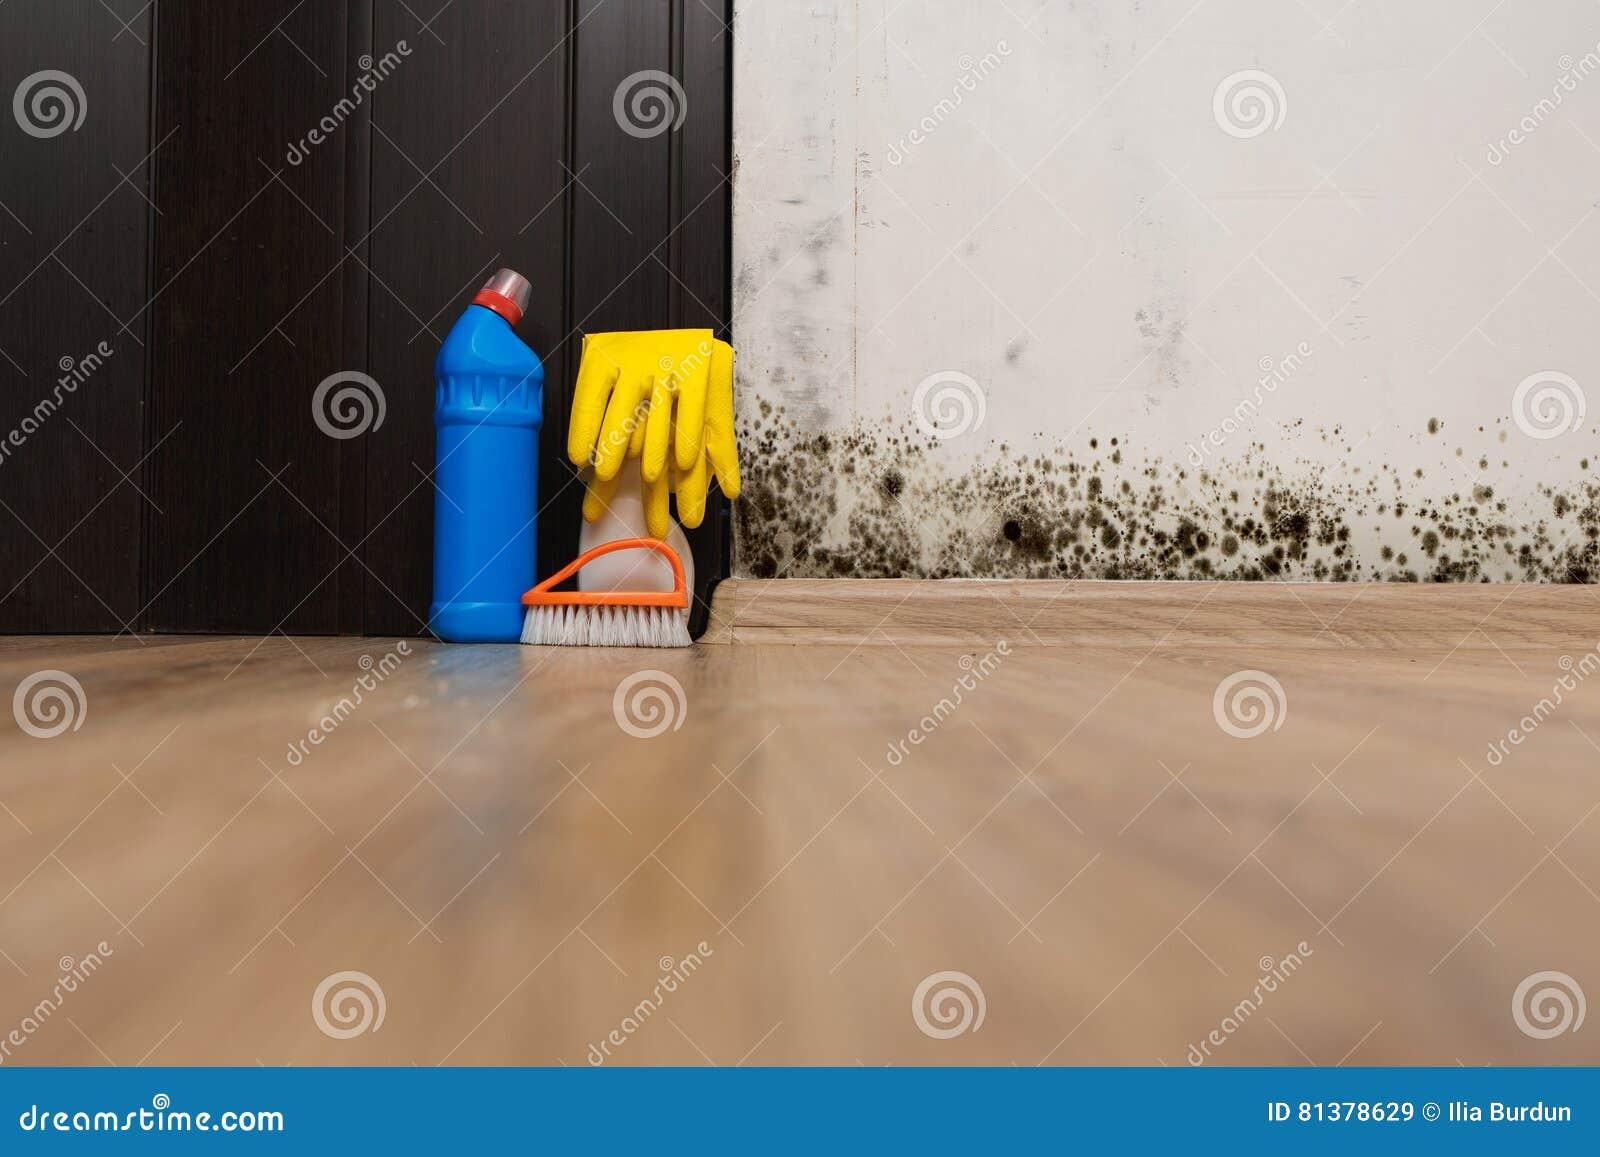 Removing mold allergen